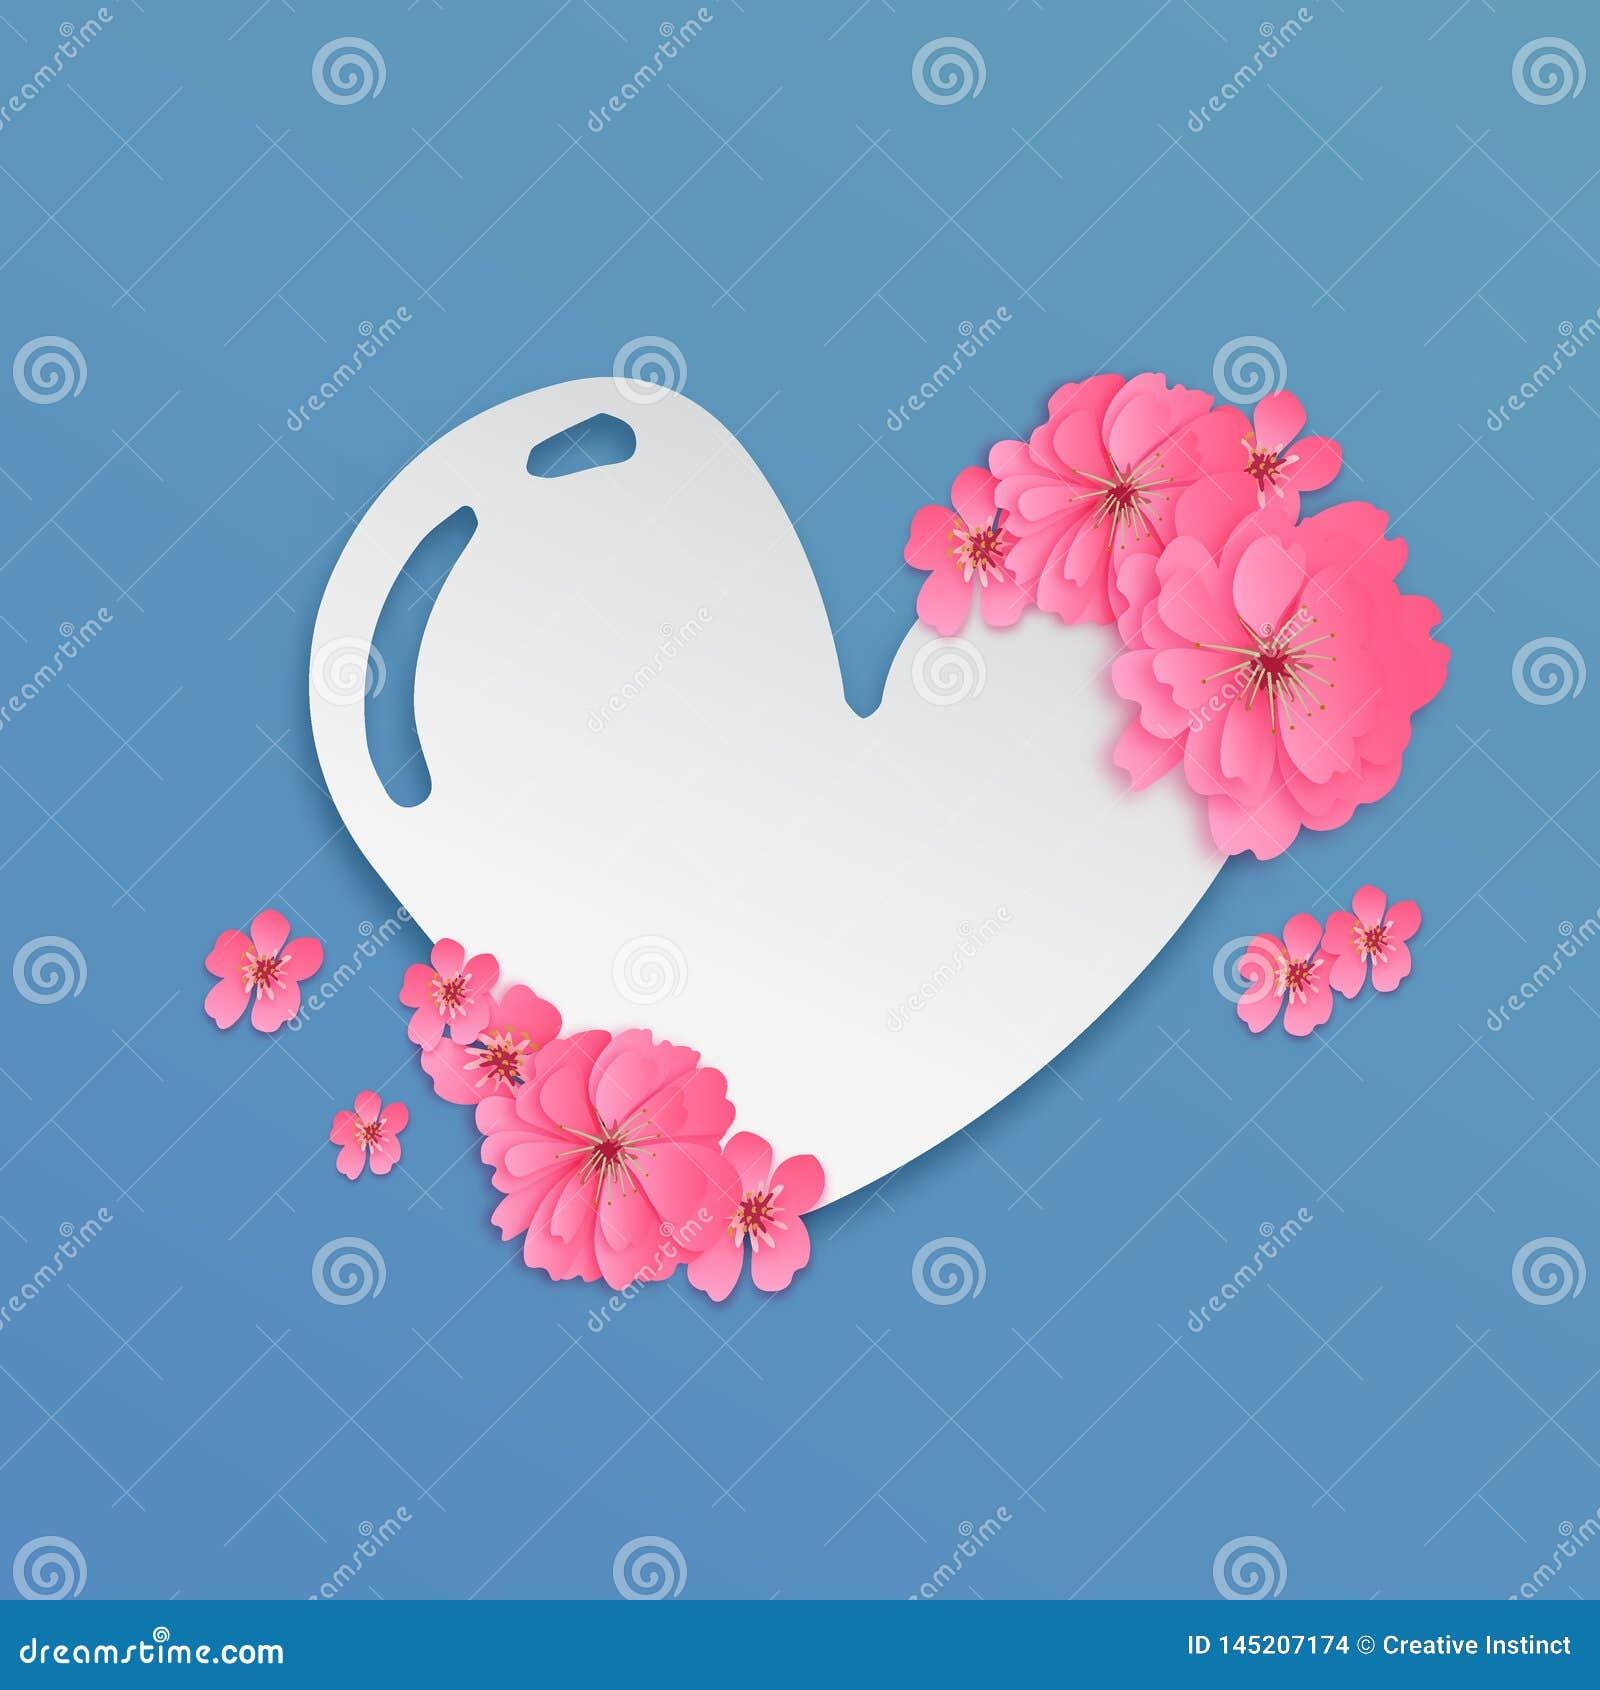 Corte de papel EPS 10 del símbolo del amor